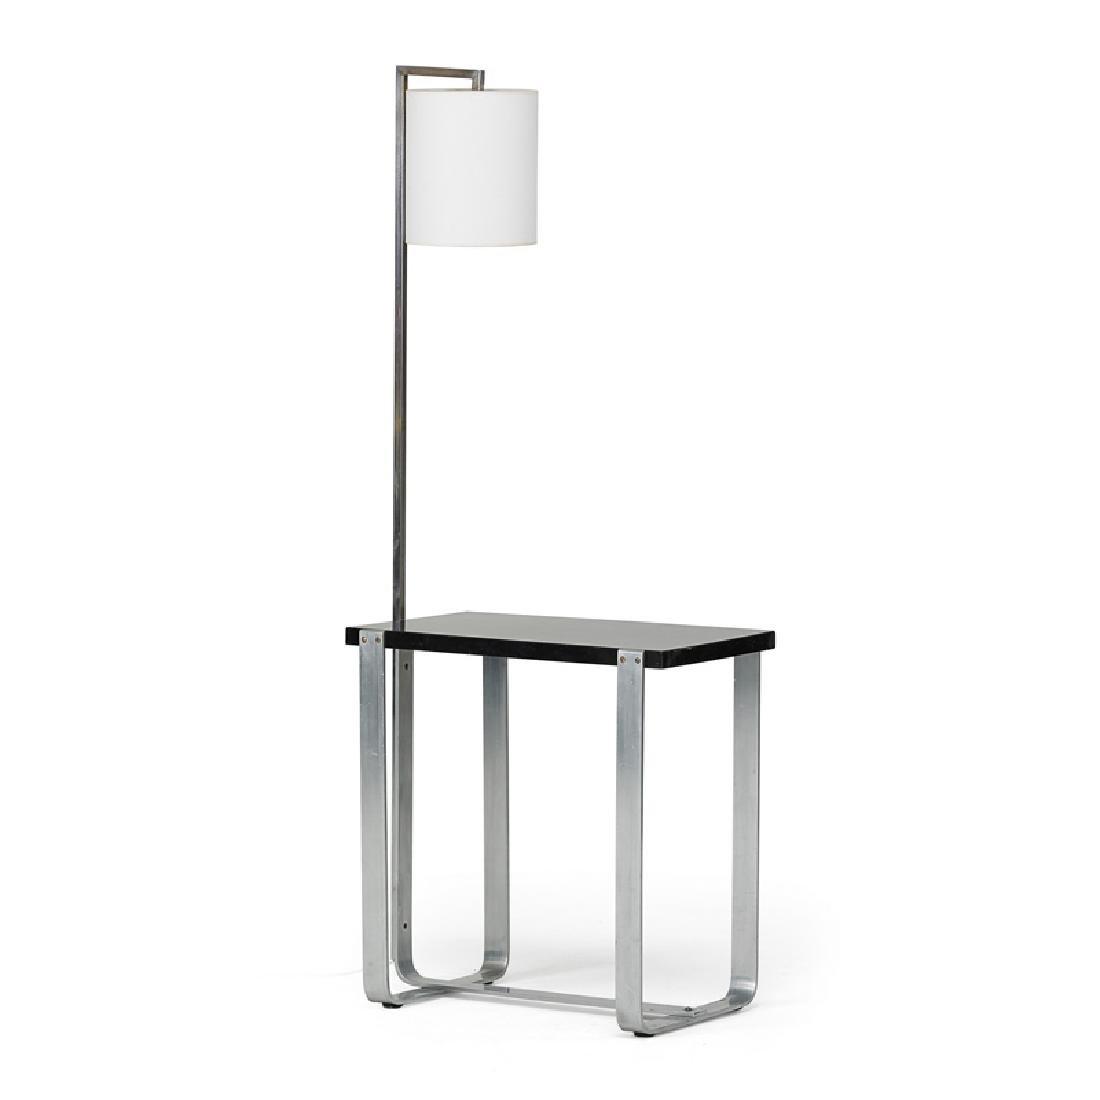 WALTER VON NESSEN Lamp table